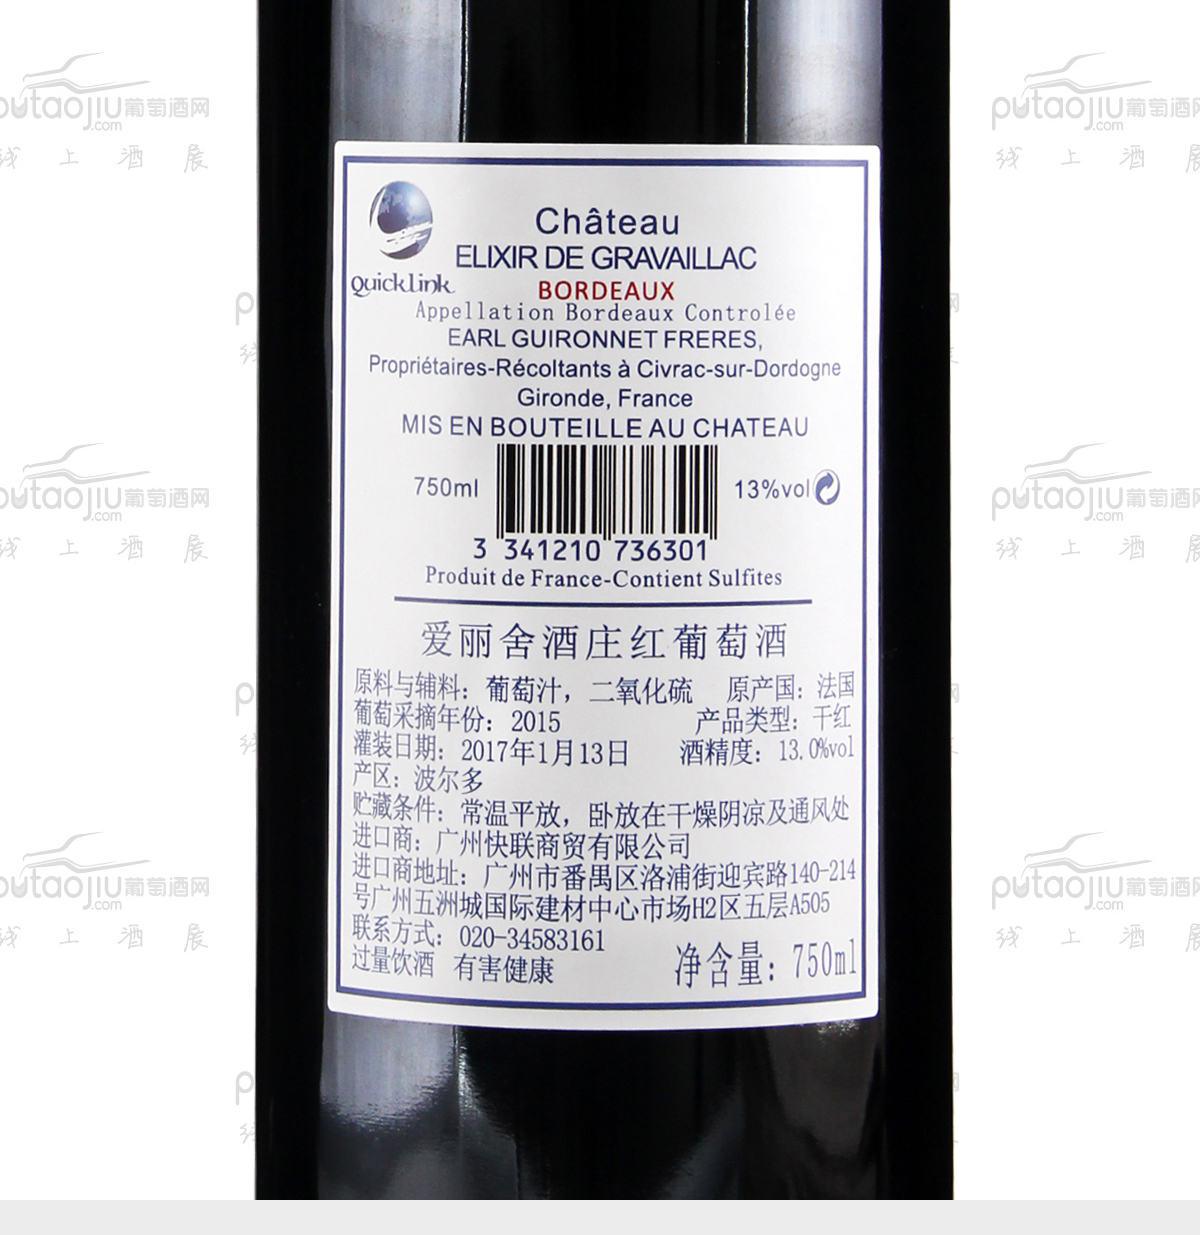 爱丽舍酒庄红葡萄酒2015